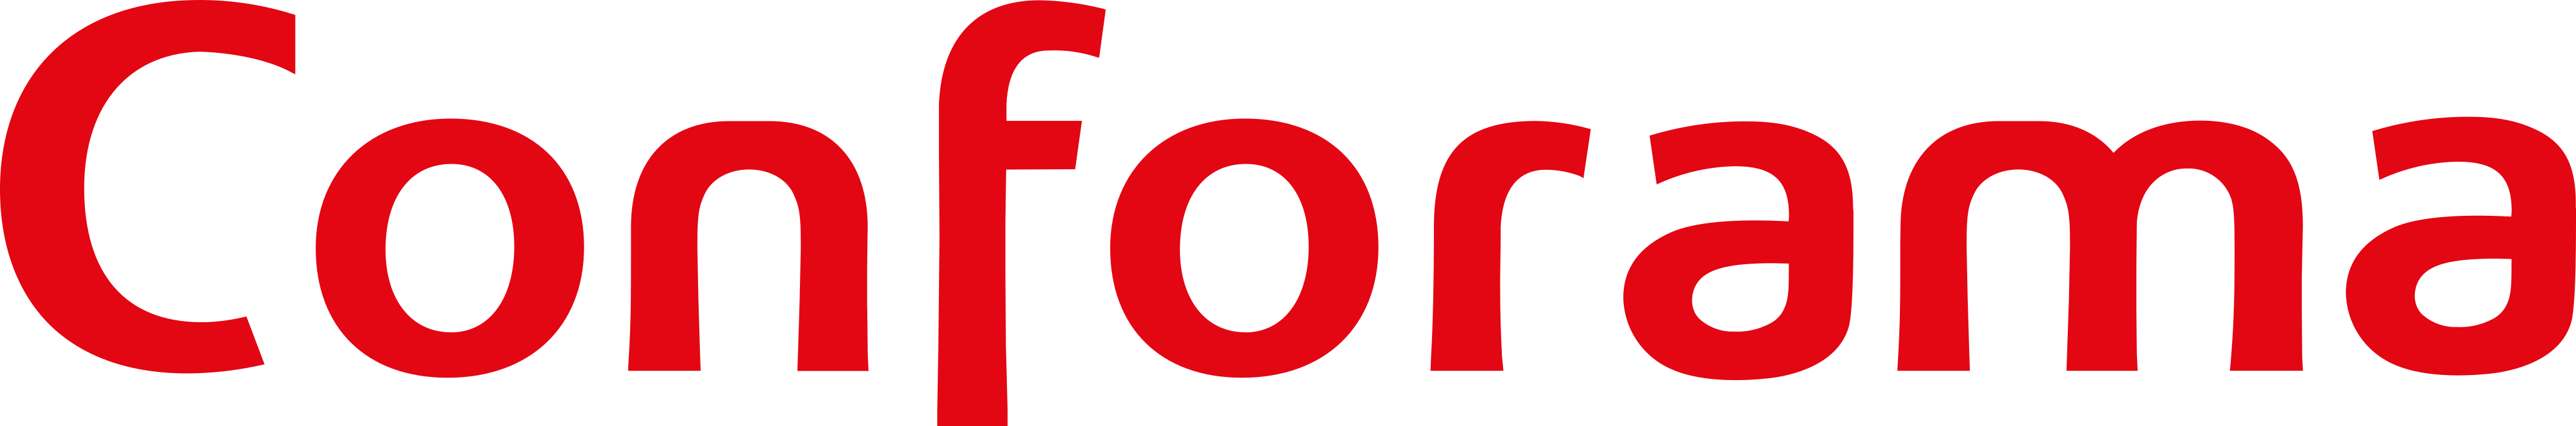 conforama logo - Conforama Logo